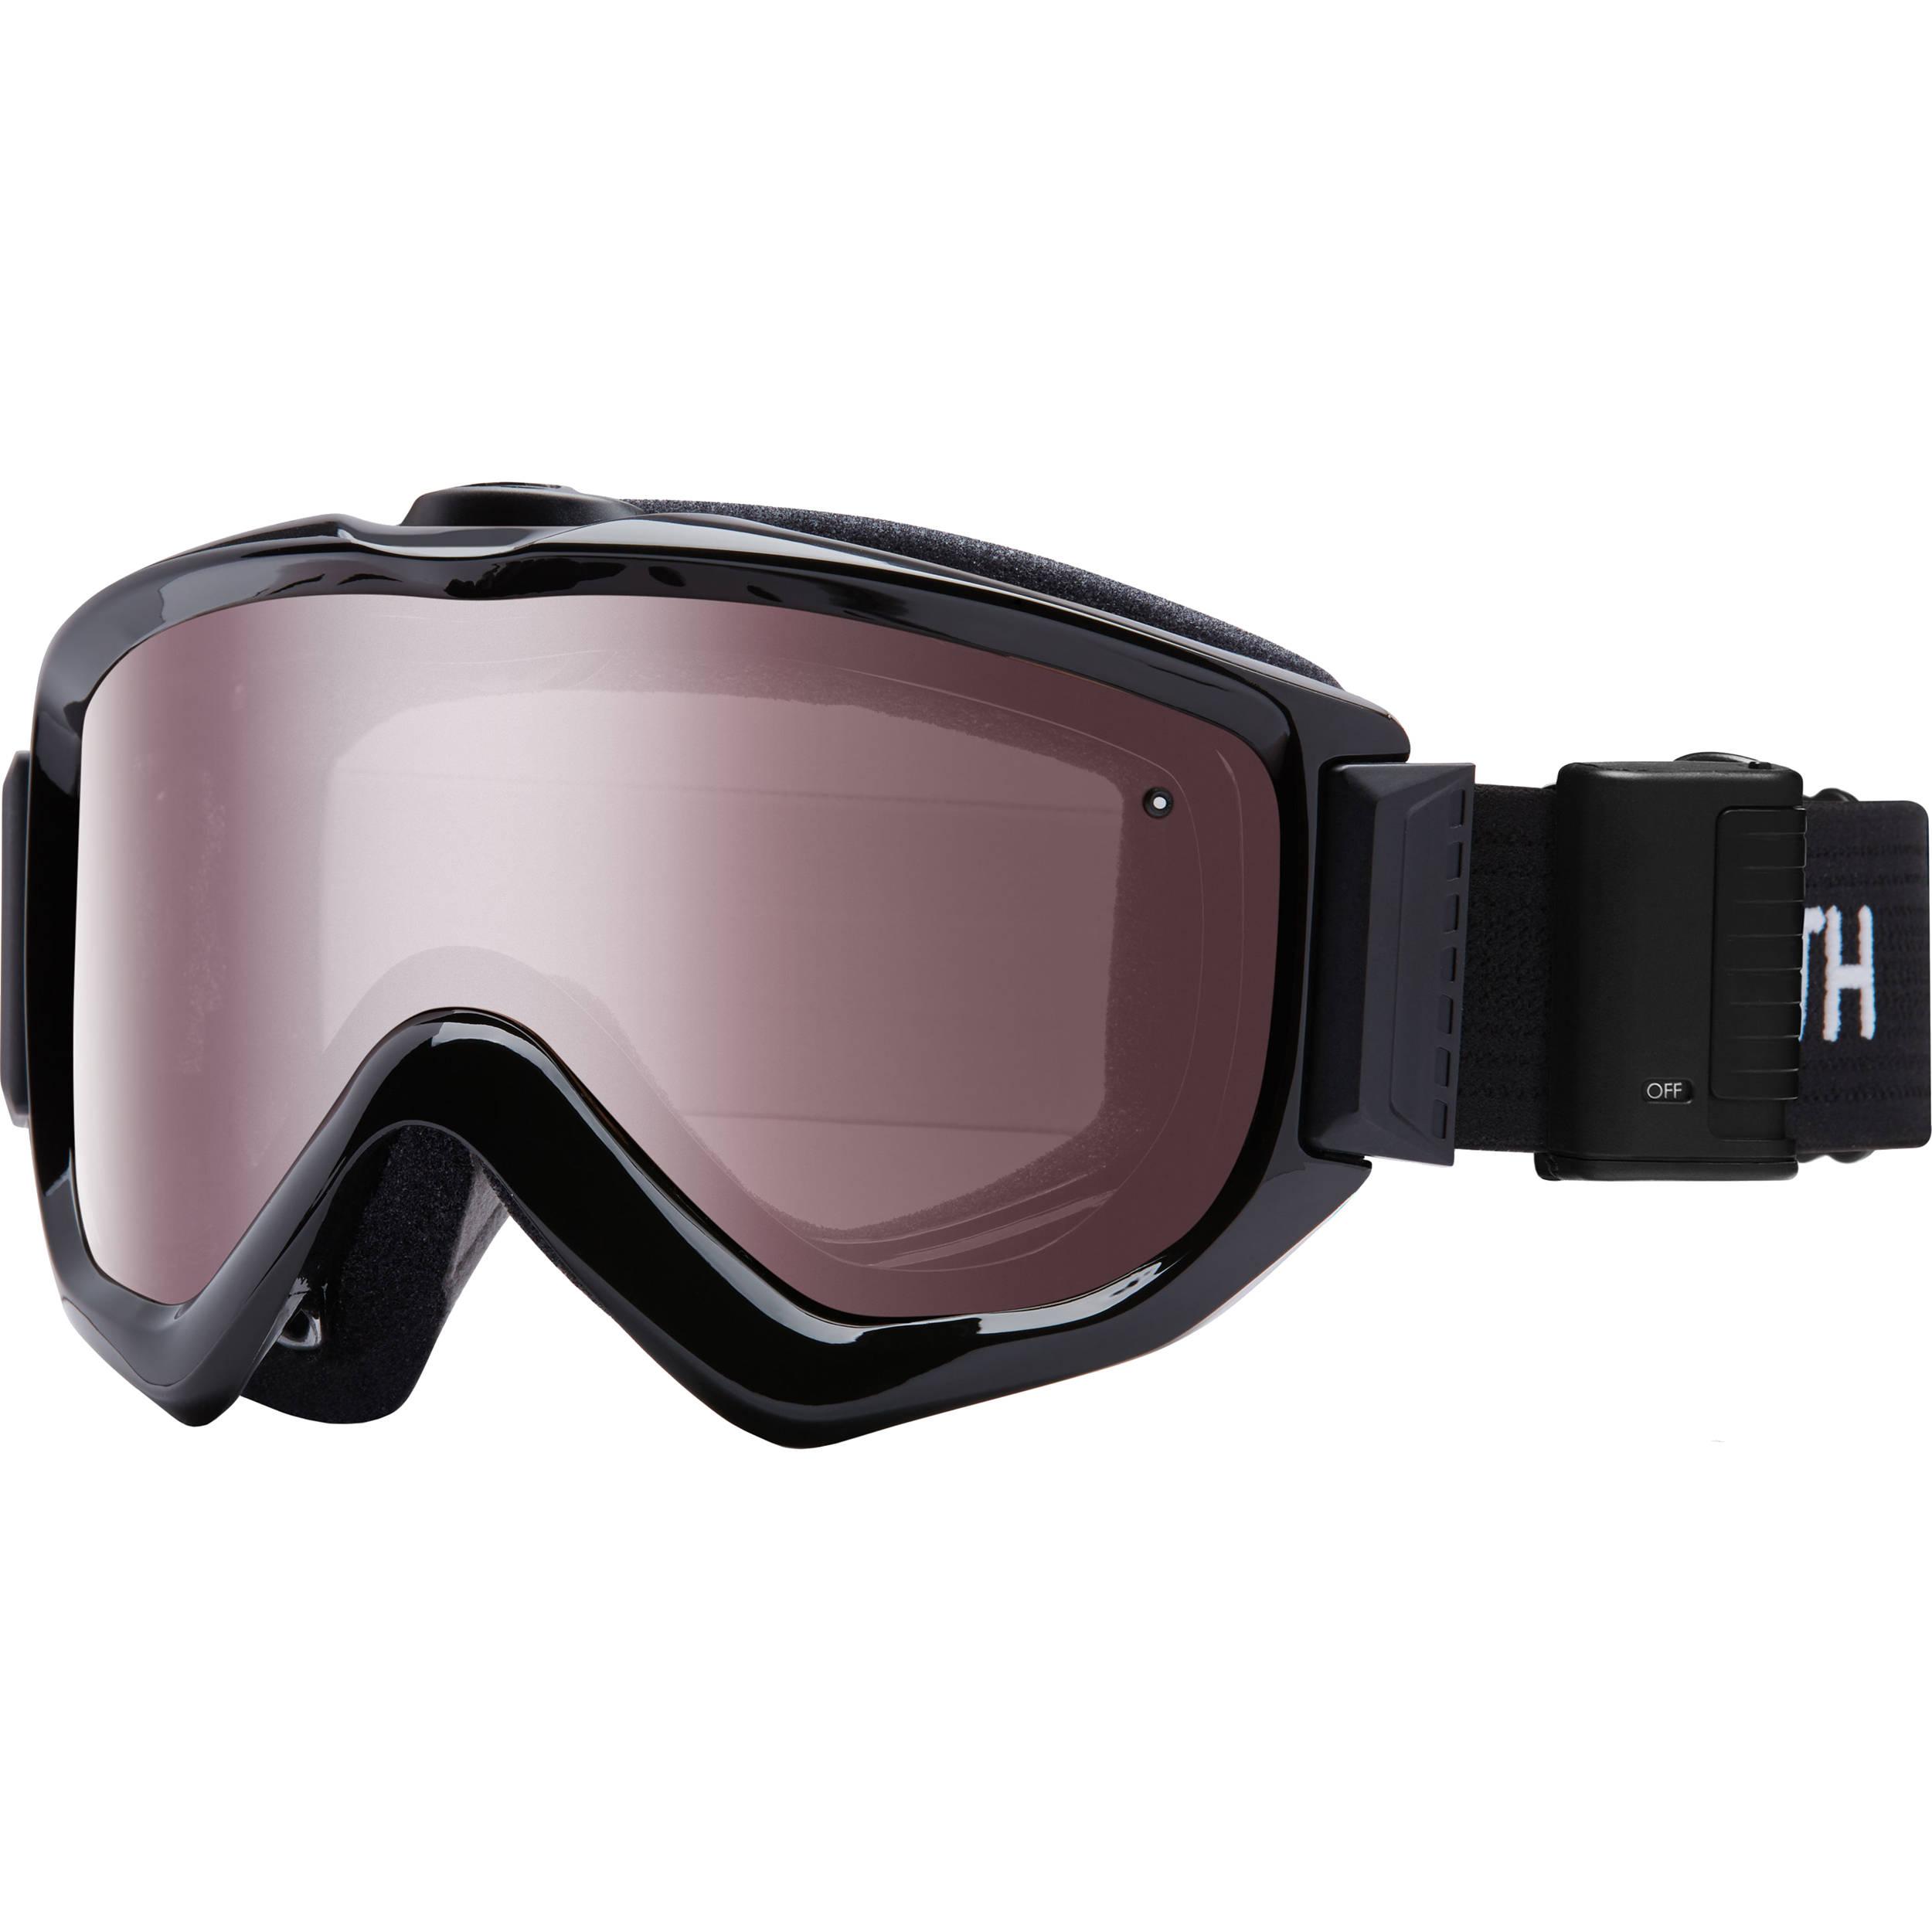 136d8f5e3b4 Smith Optics Knowledge Turbo Fan OTG Snow Goggles KN5IBK16 B H